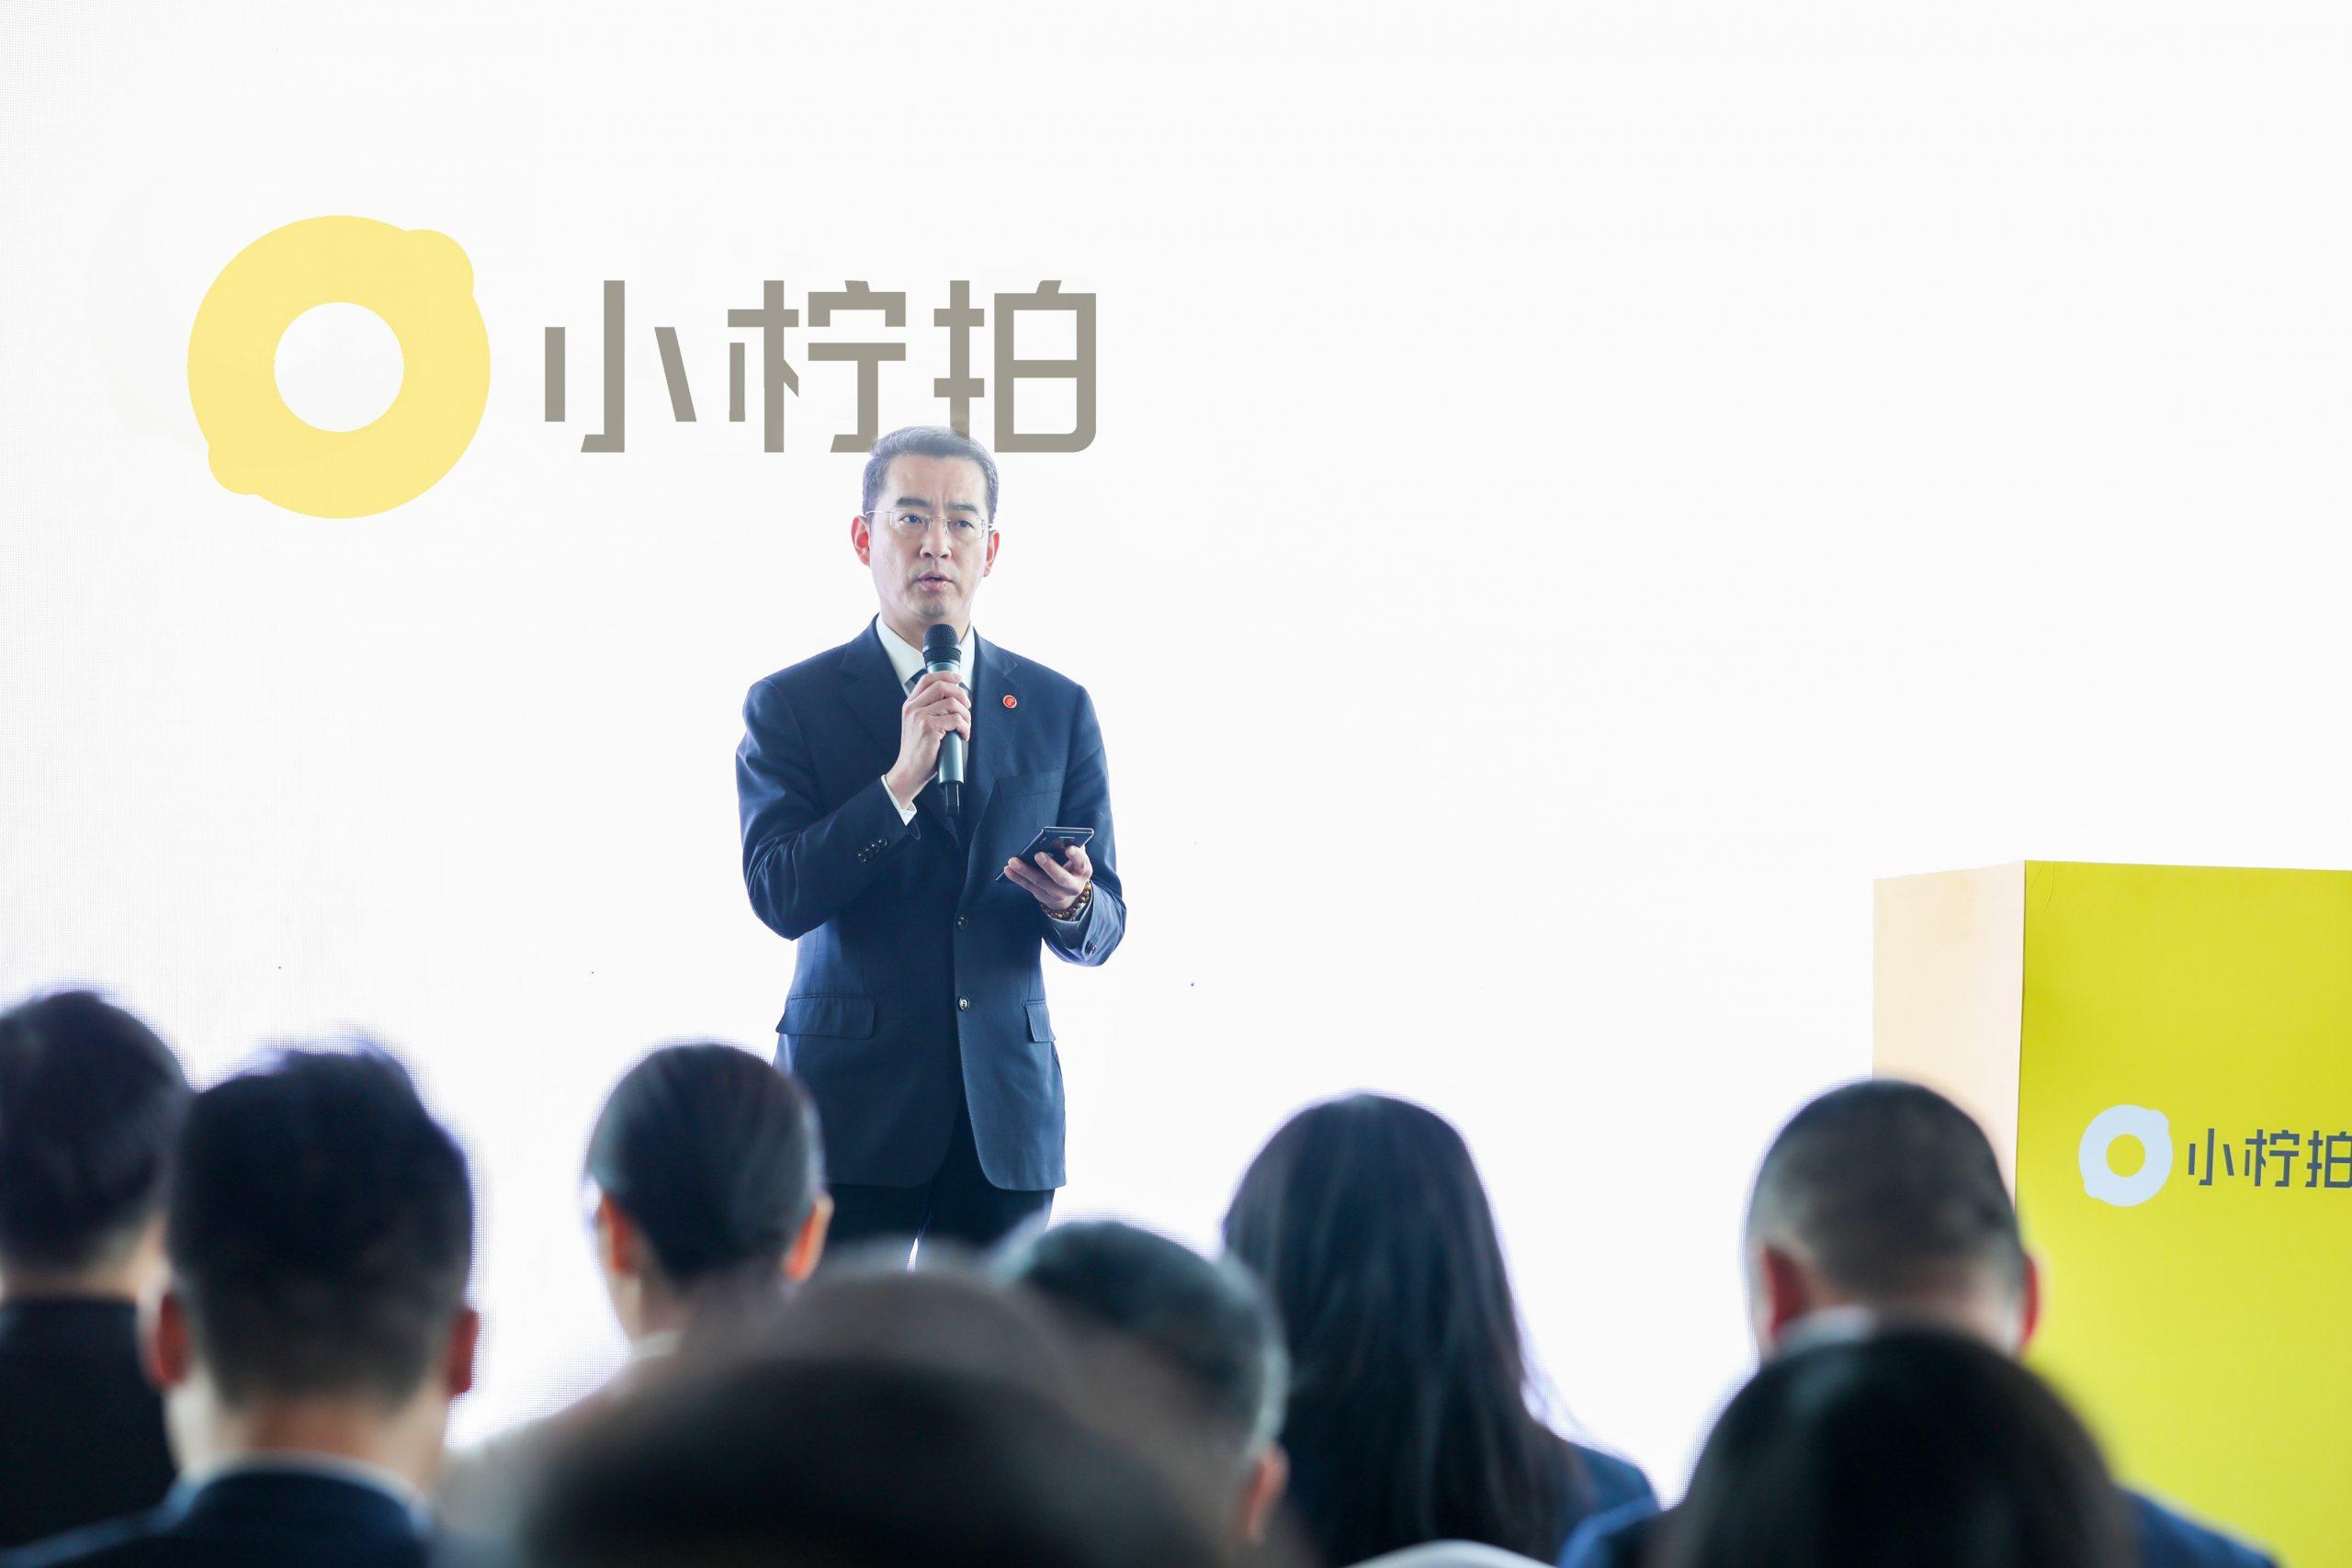 大昌集团副总裁司政军先生对小柠拍入驻山西表示祝贺